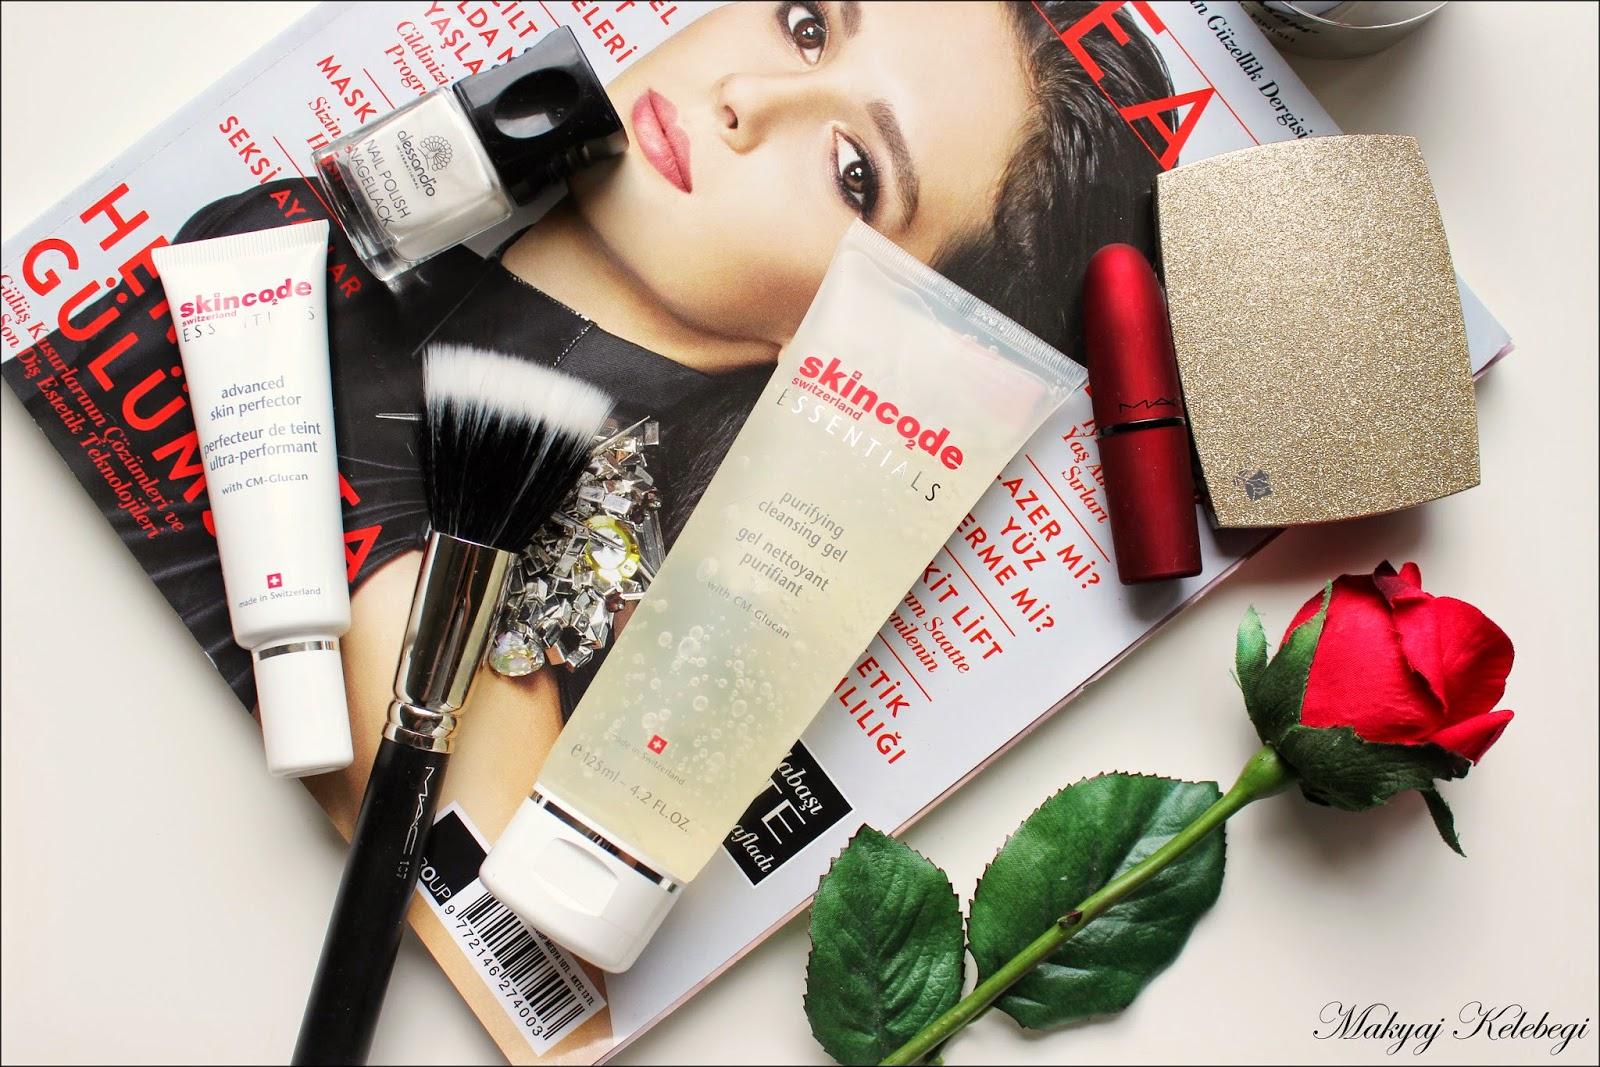 Skincode Arındırıcı Yüz Temizleme Jeli